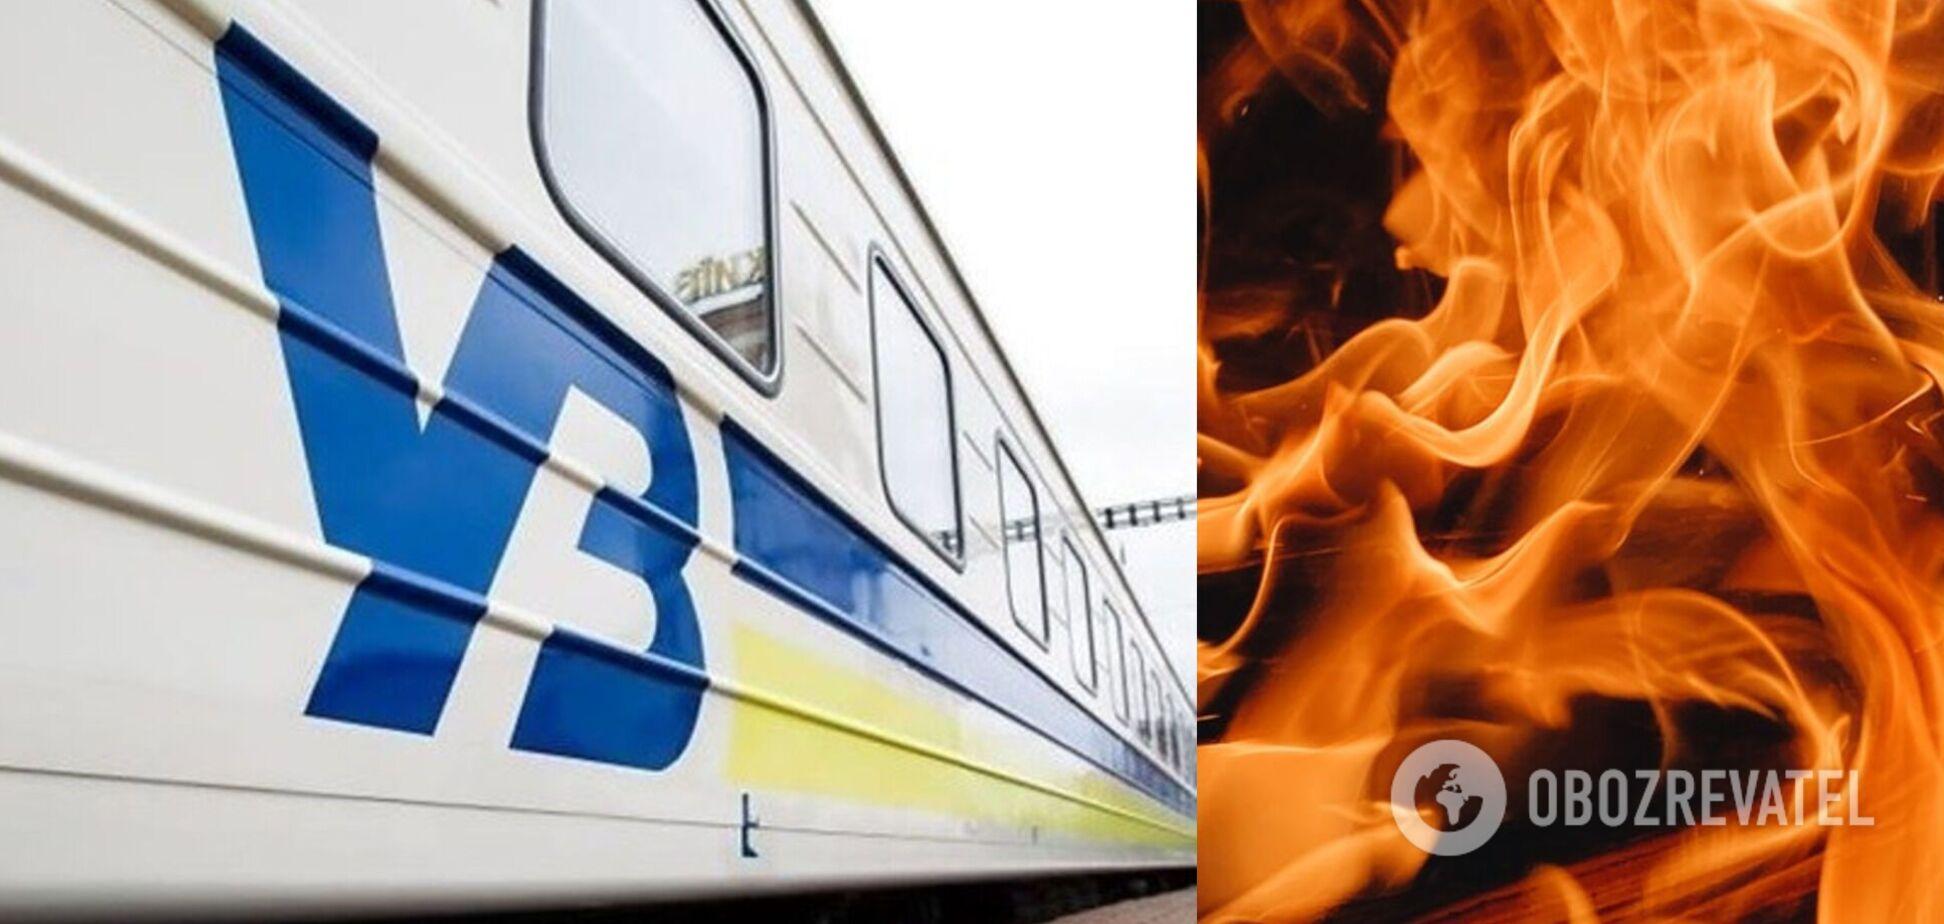 В Одесской области горел поезд 'Одесса-Ковель'. Видео